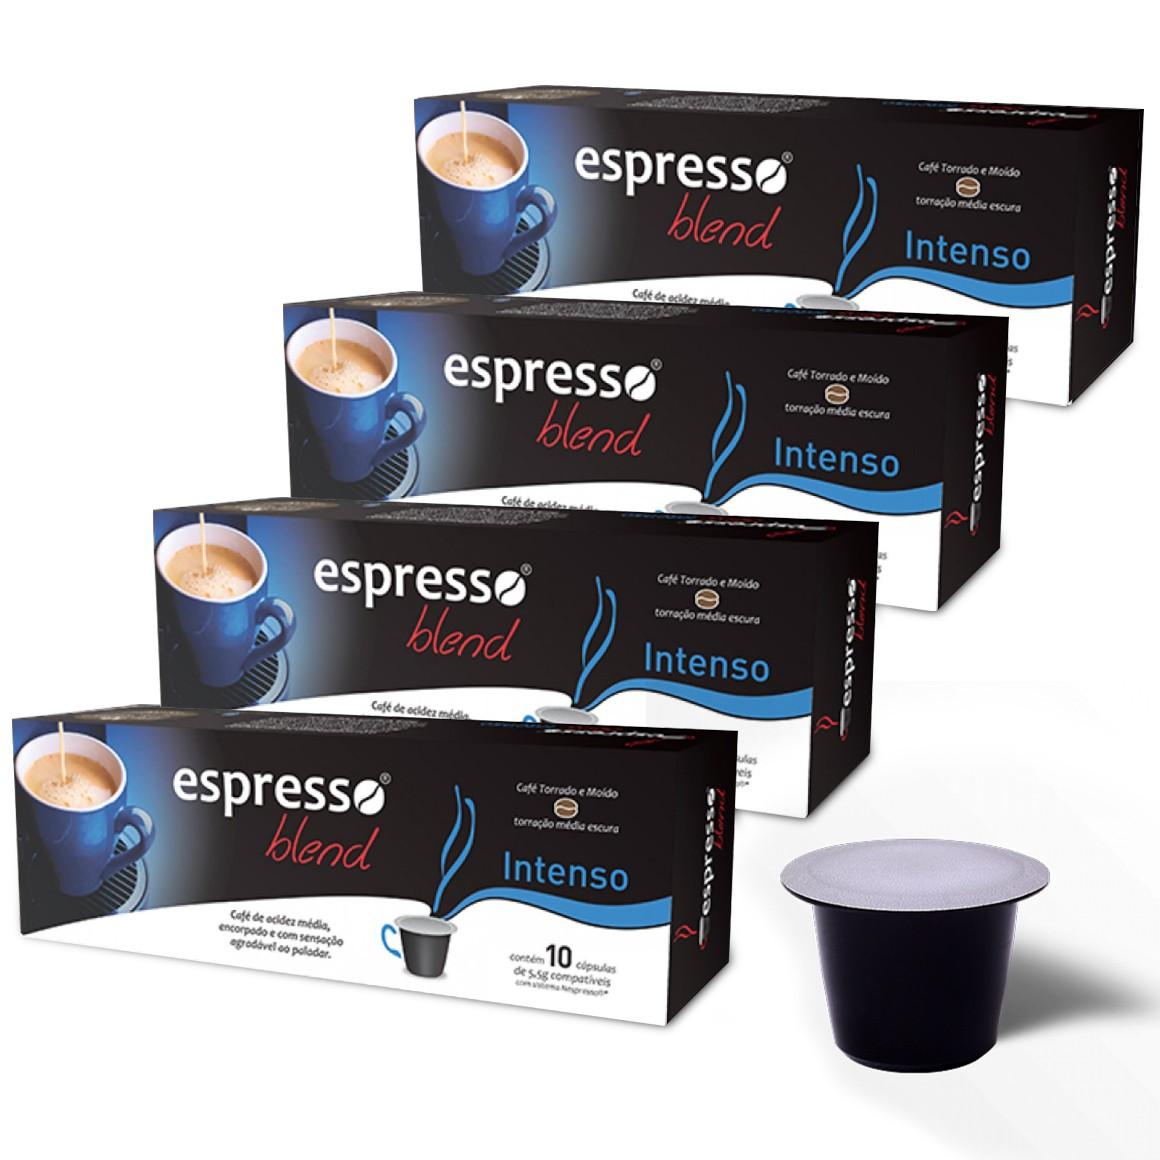 Kit Cápsulas de Café Compatíveis com Nespresso Espresso Blend Intenso - 40 un.